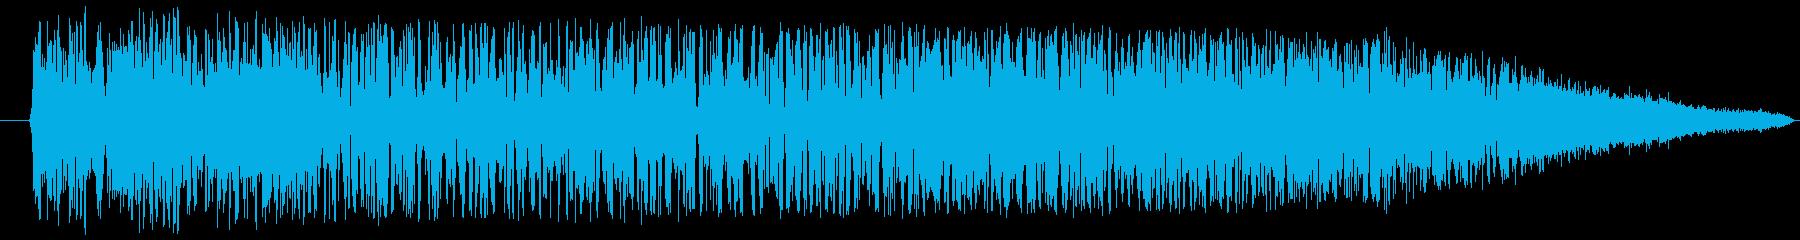 スペイシーフライオフスイープ1の再生済みの波形